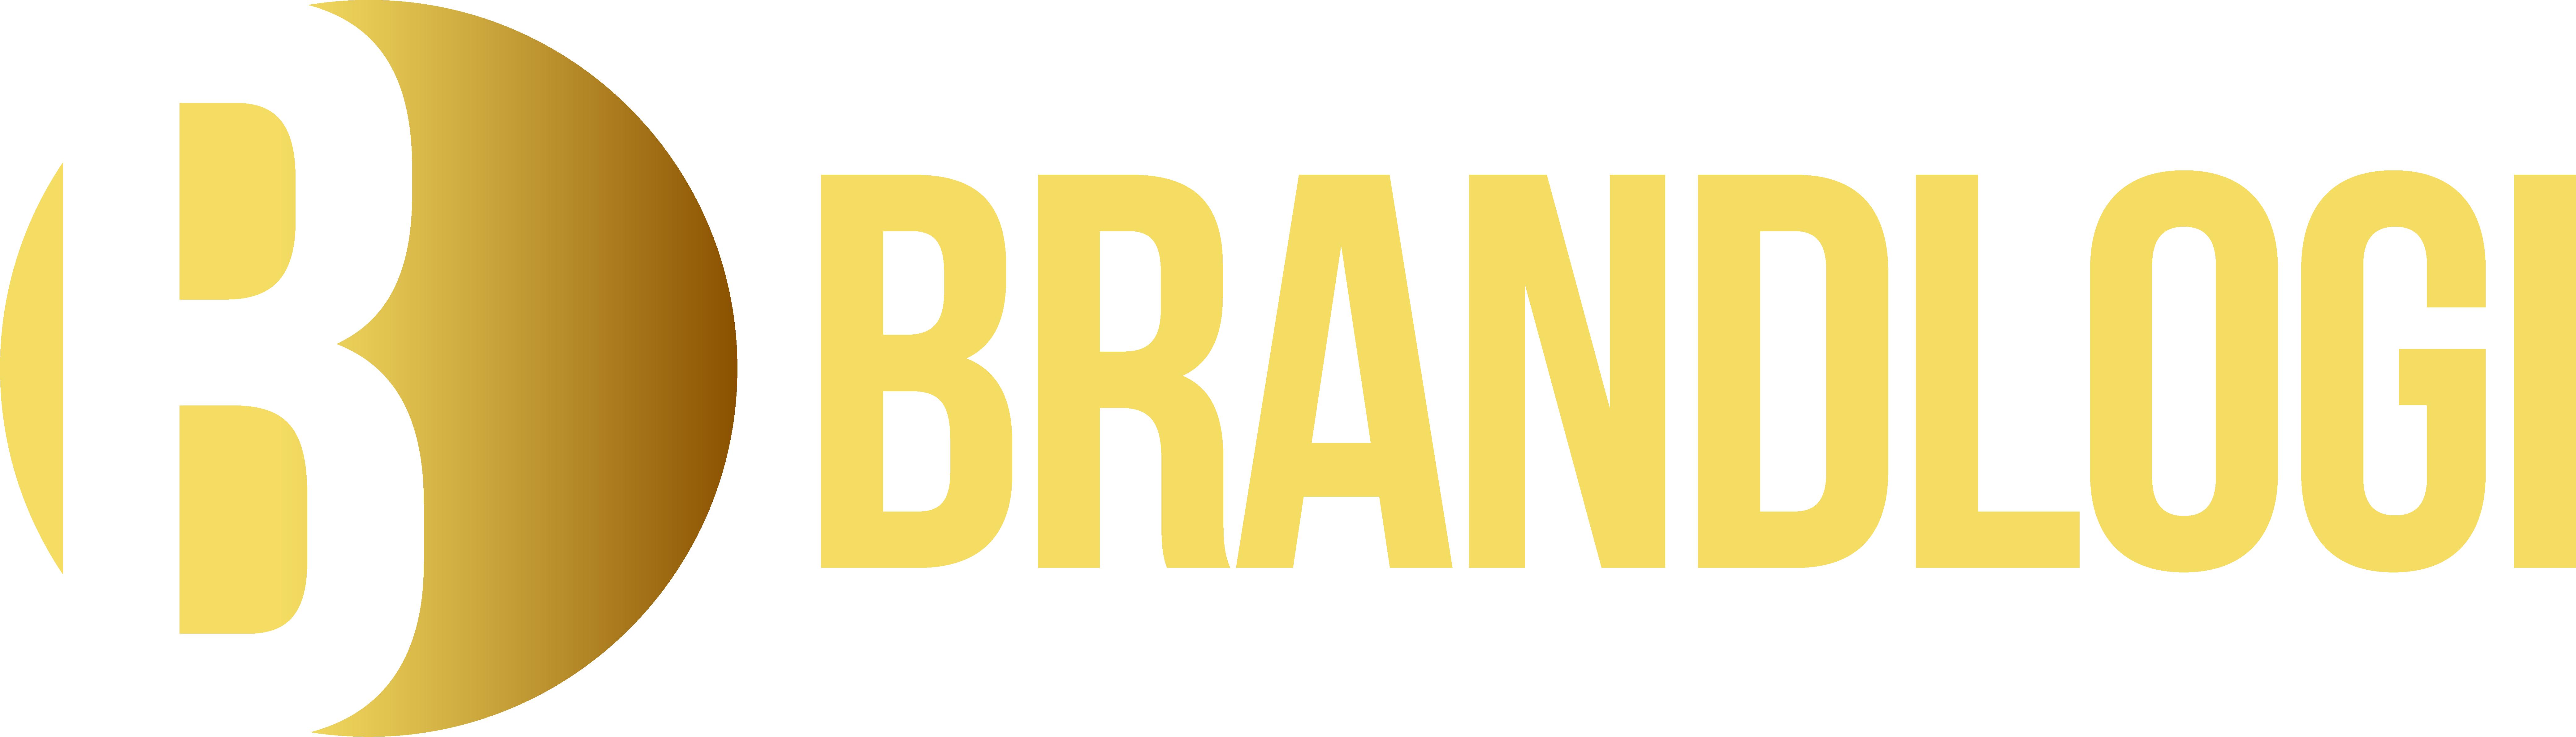 Brandlogi